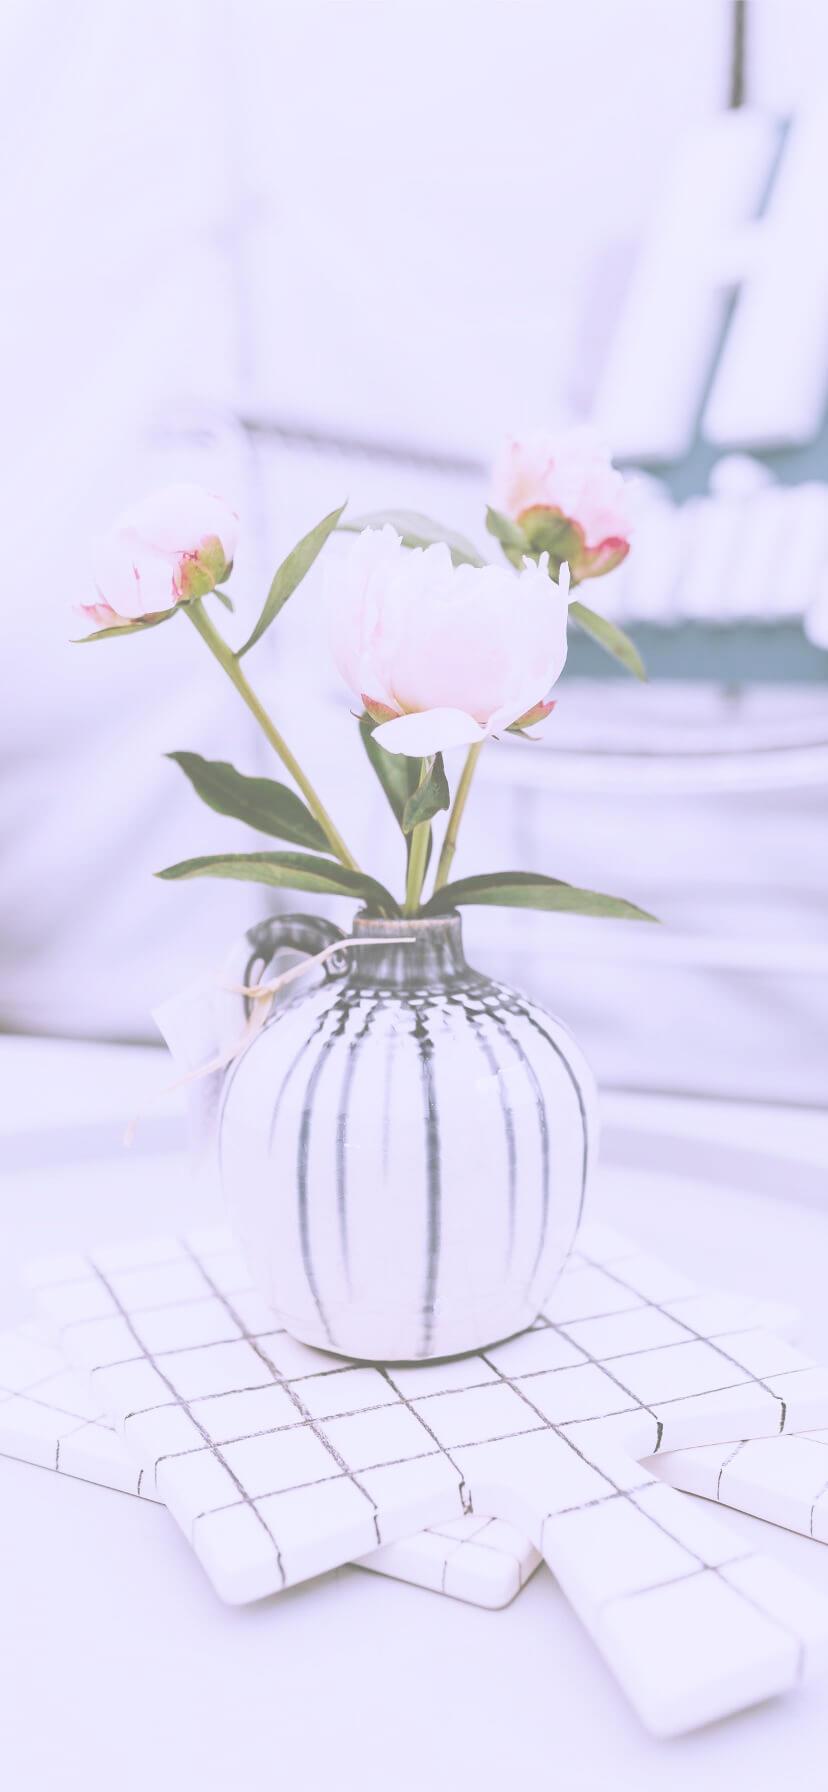 白い花瓶と花2